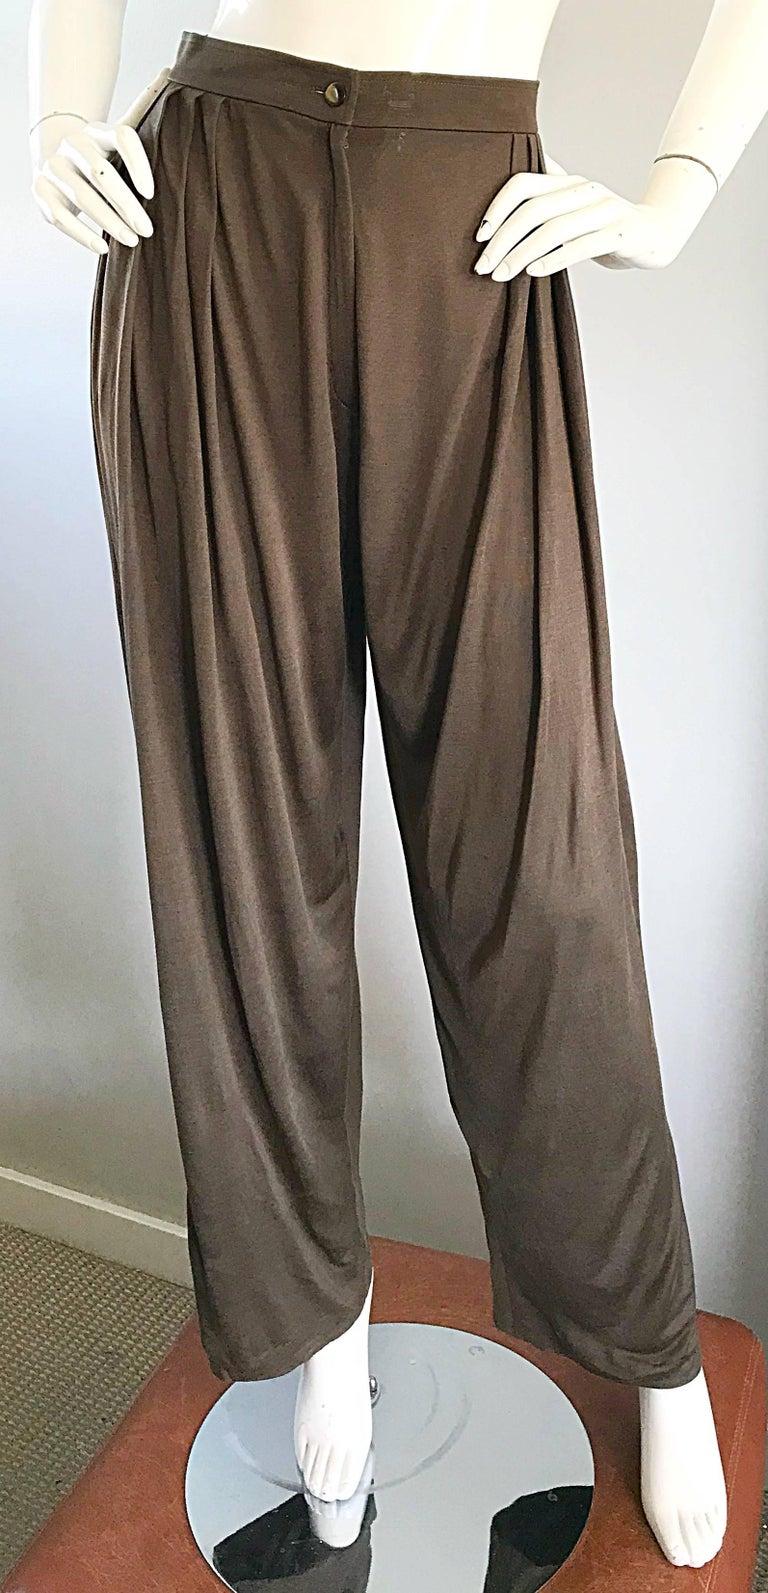 Vintage Emanuel Ungaro Silk Jersey Taupe Two Piece Harem Pants Ensemble Pant Set For Sale 5